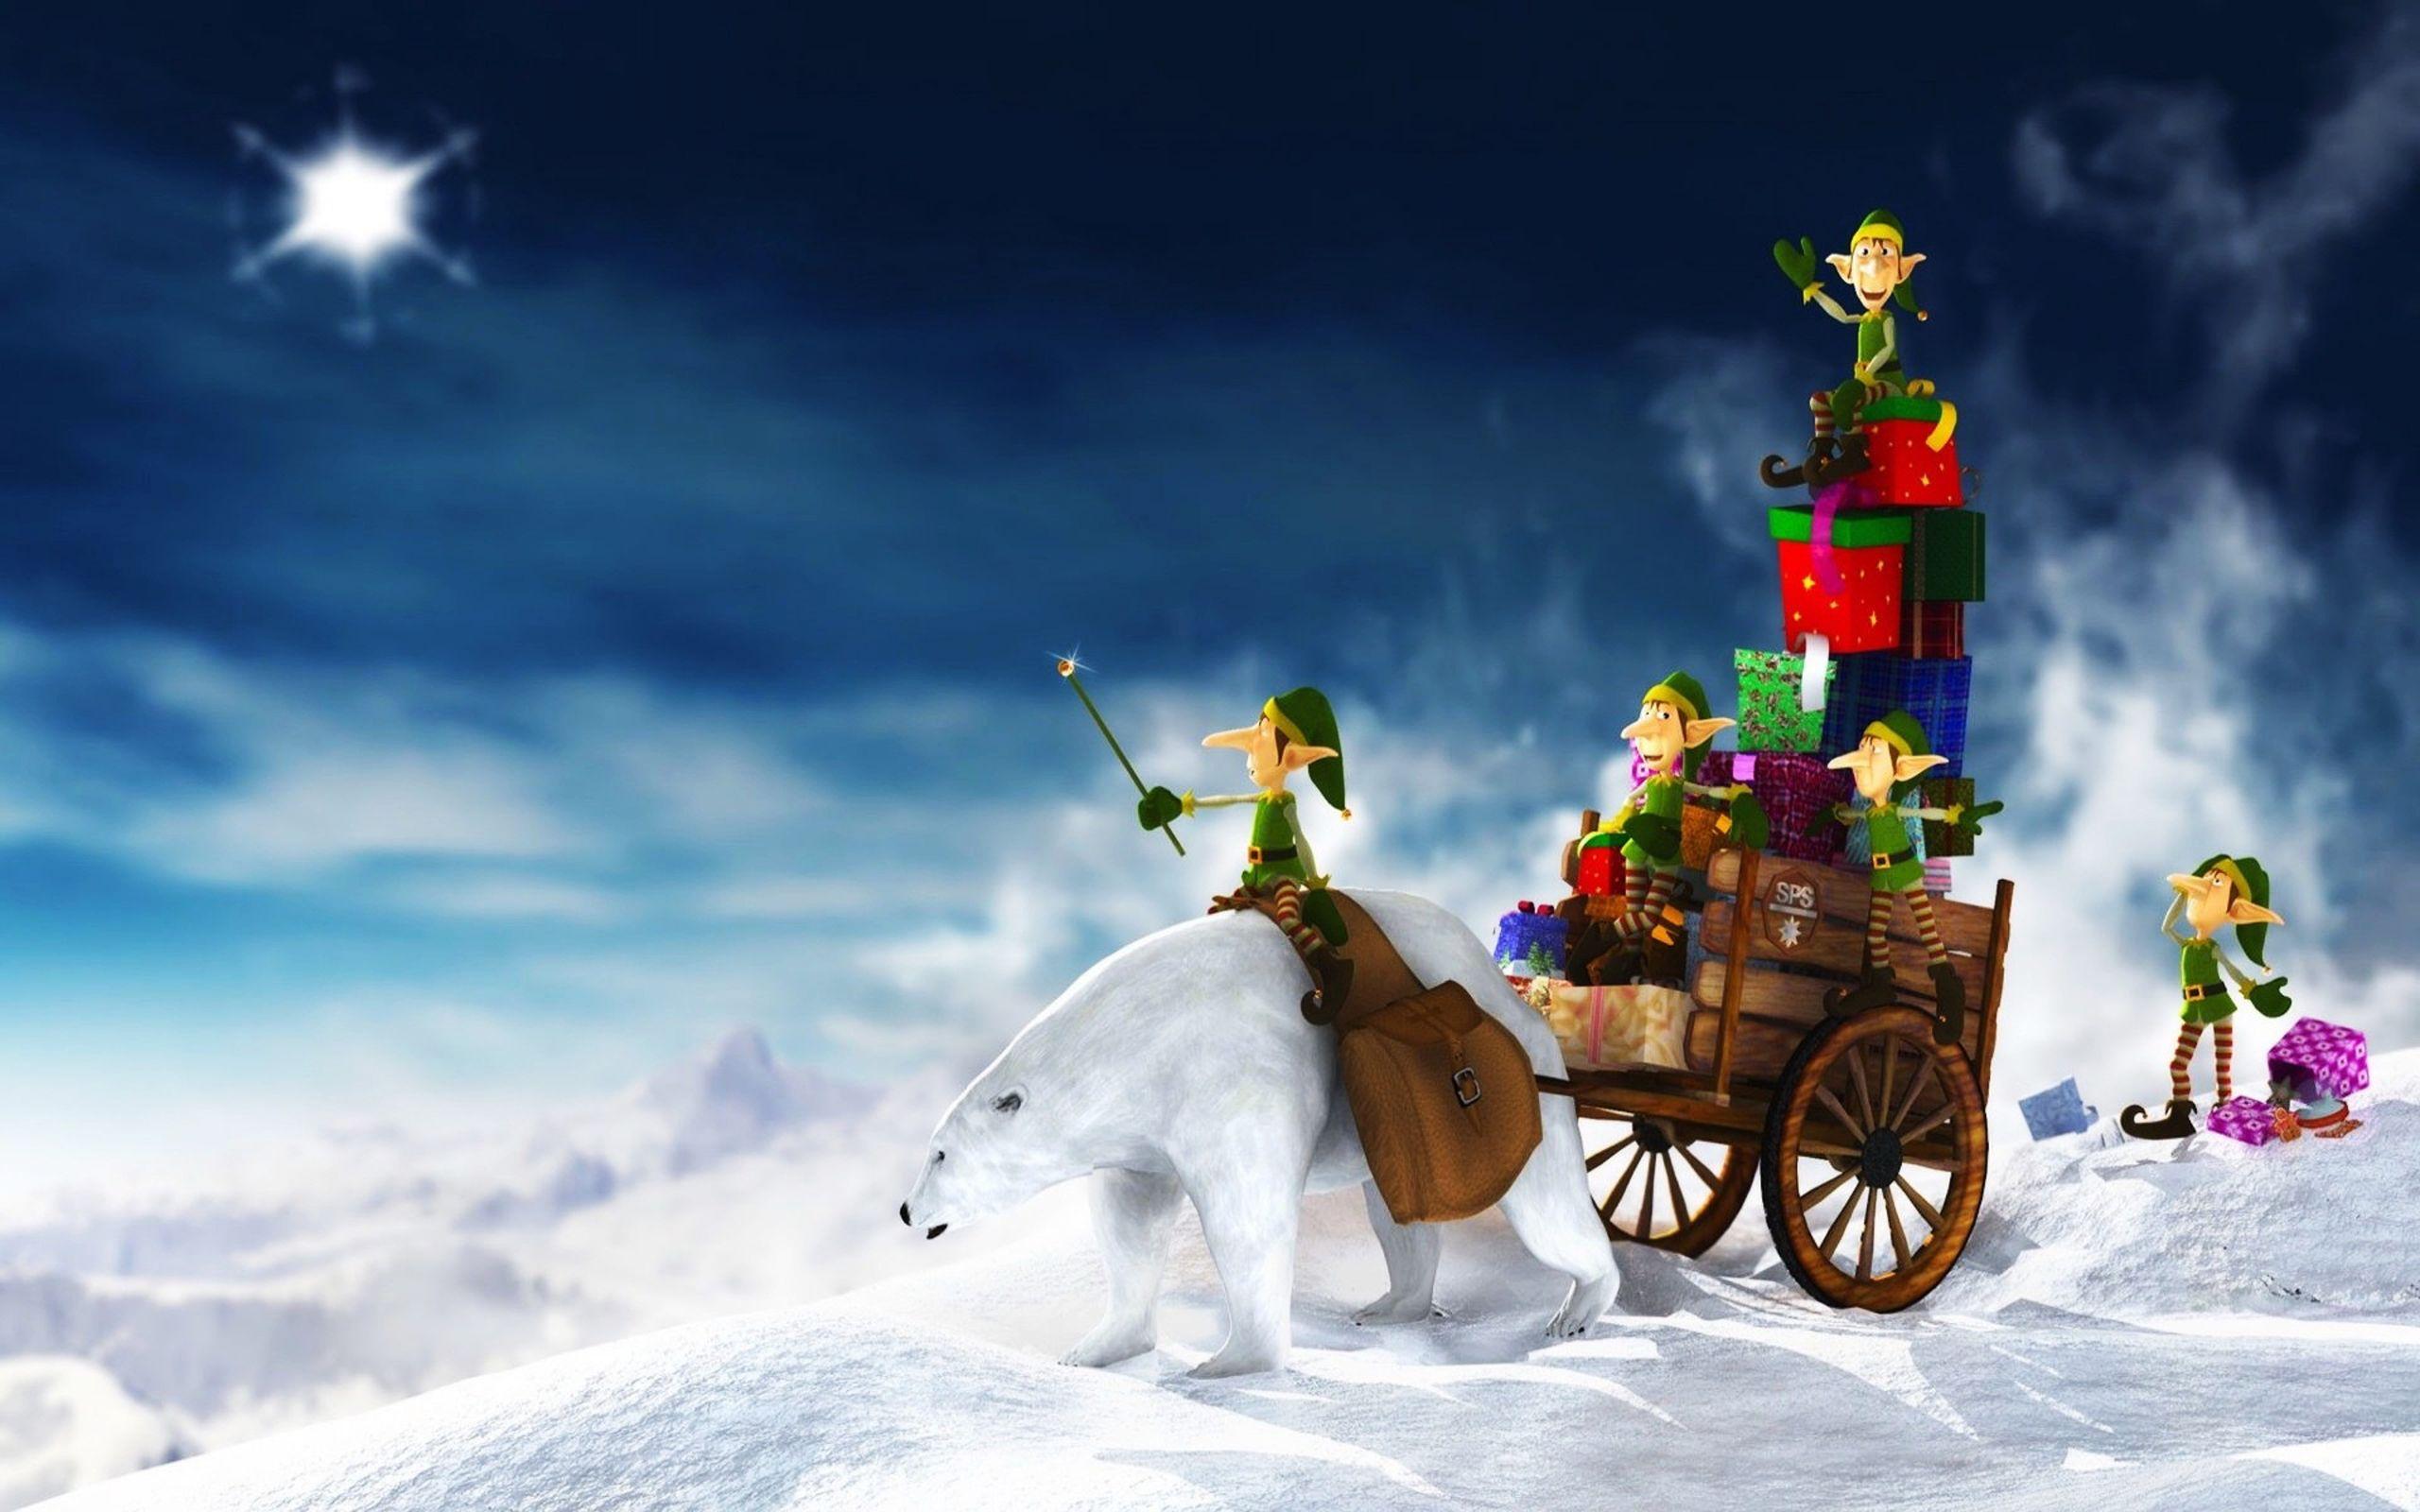 Animated Christmas HD Wallpapers 1